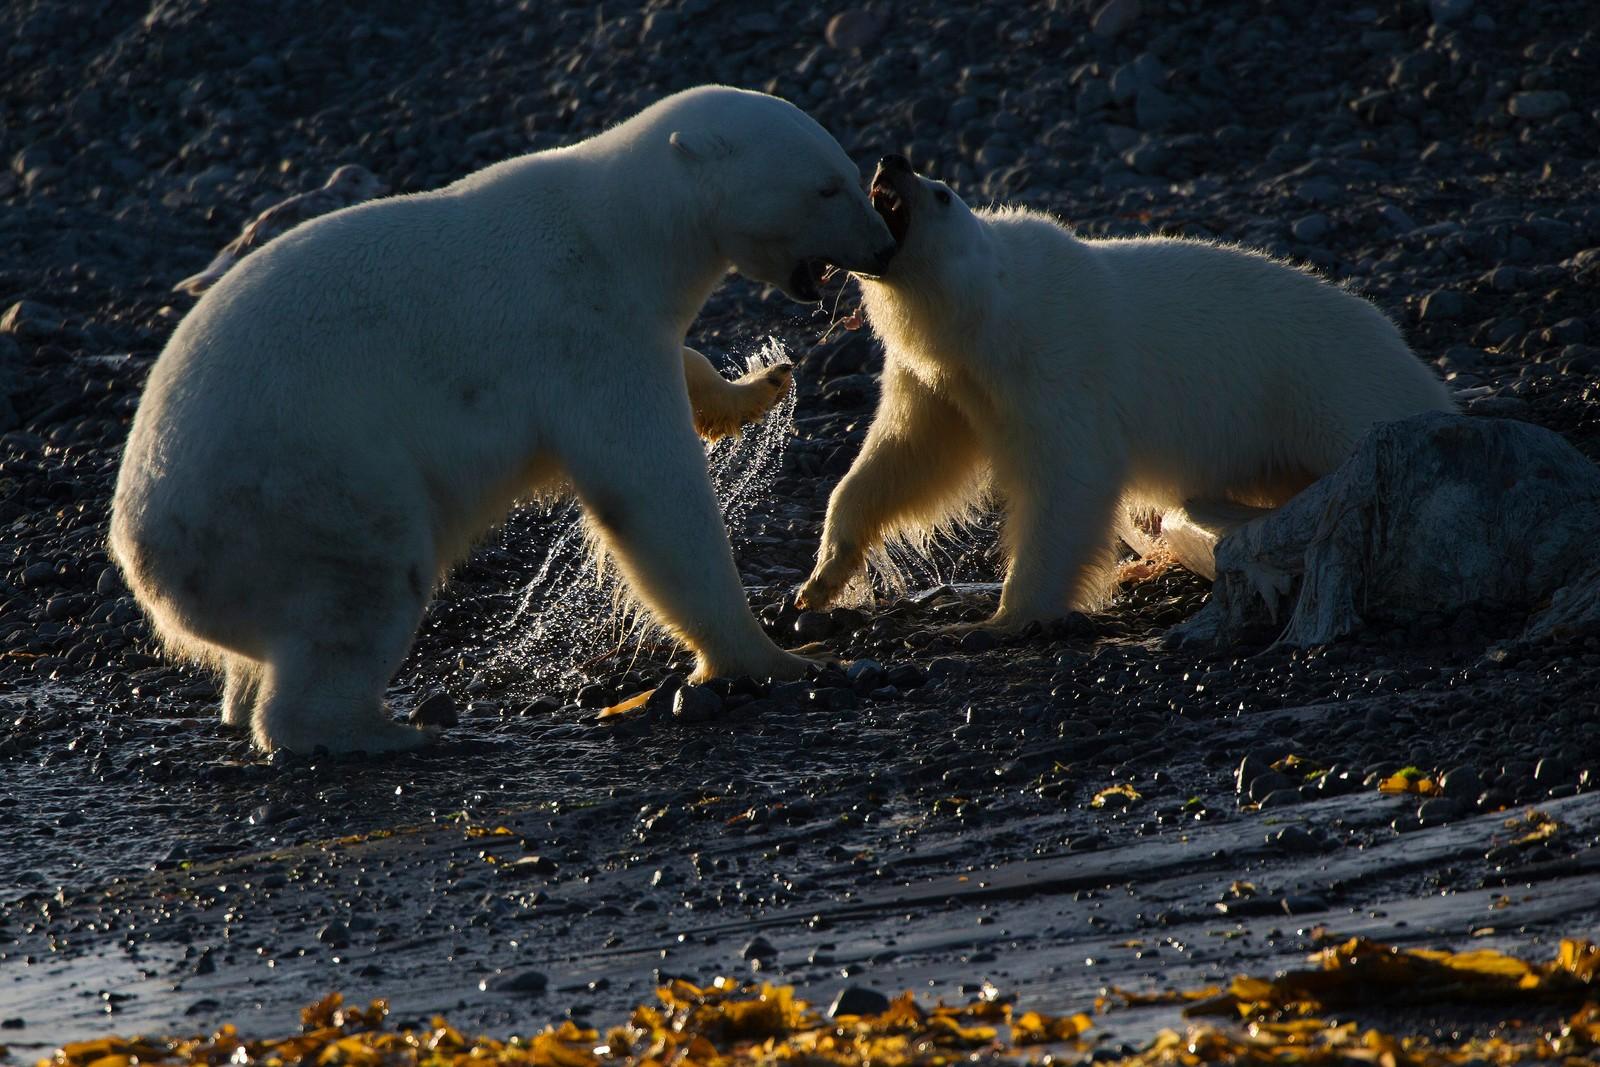 Fra båten kunne Svein Wik og resten av følget observere hvordan isbjørnene kranglet over restene av en hval.